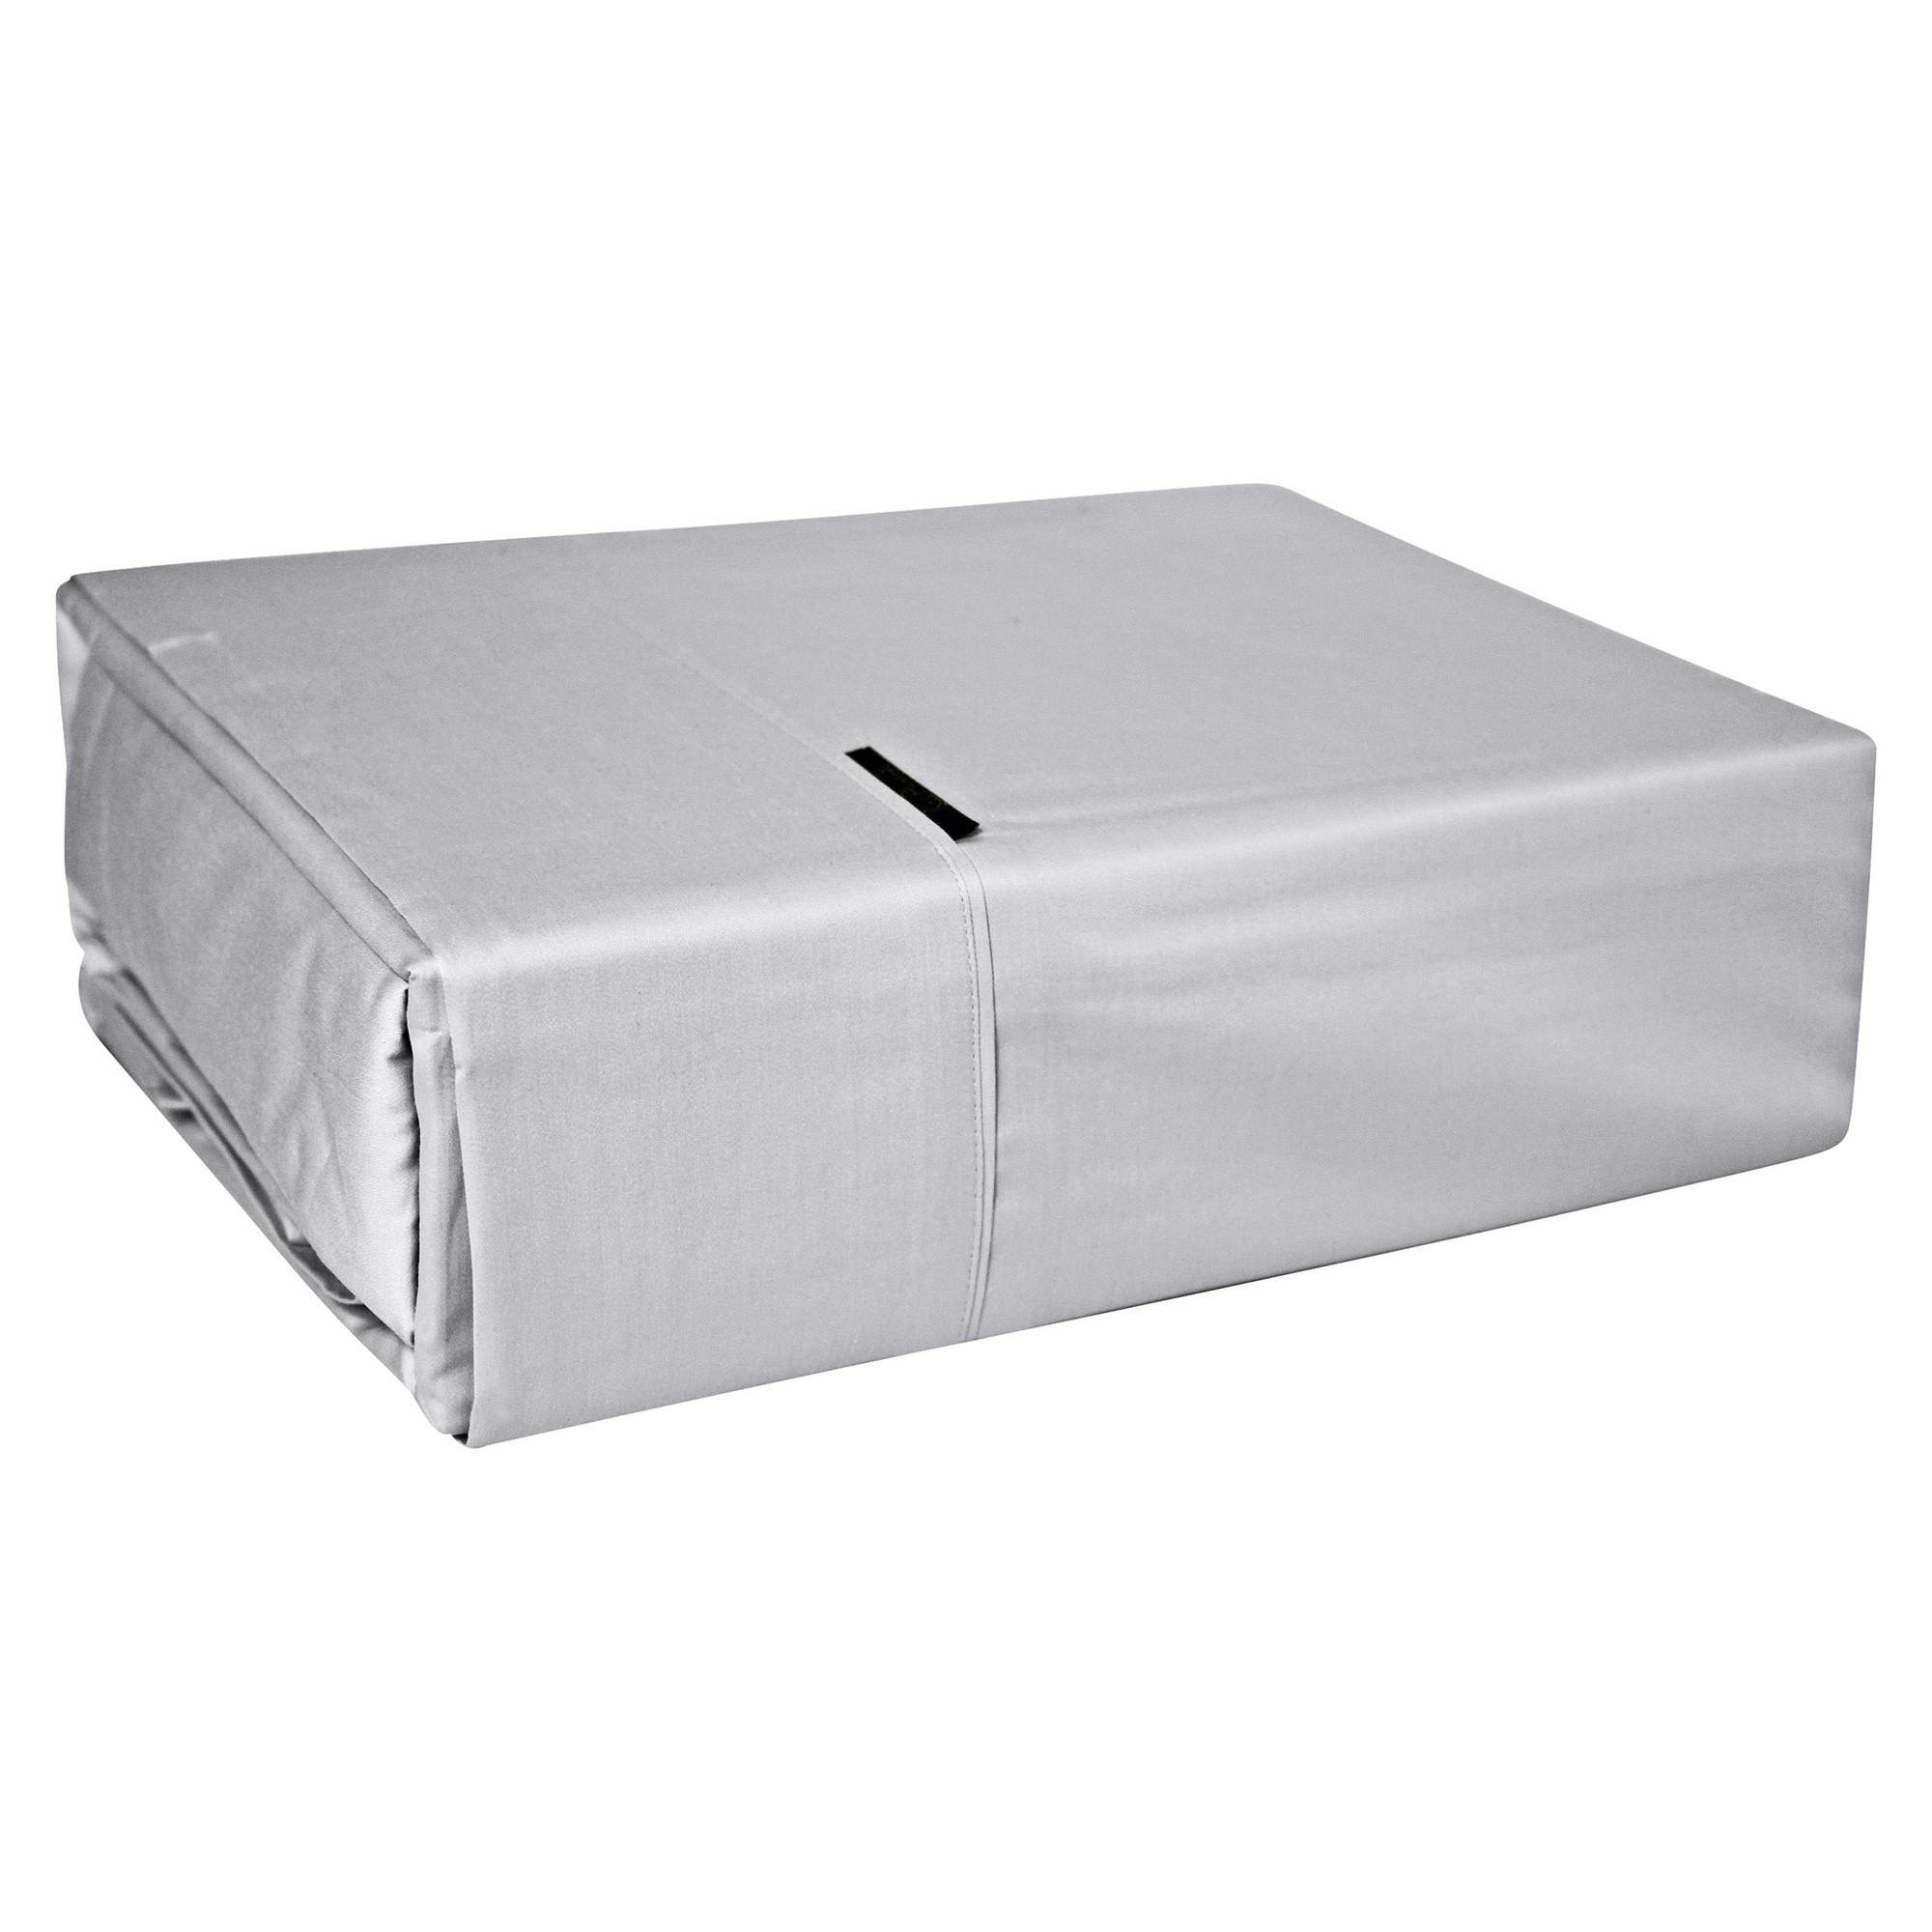 Bas Phillips 400TC Bamboo Cotton Sheet Set, Mega Queen, Silver